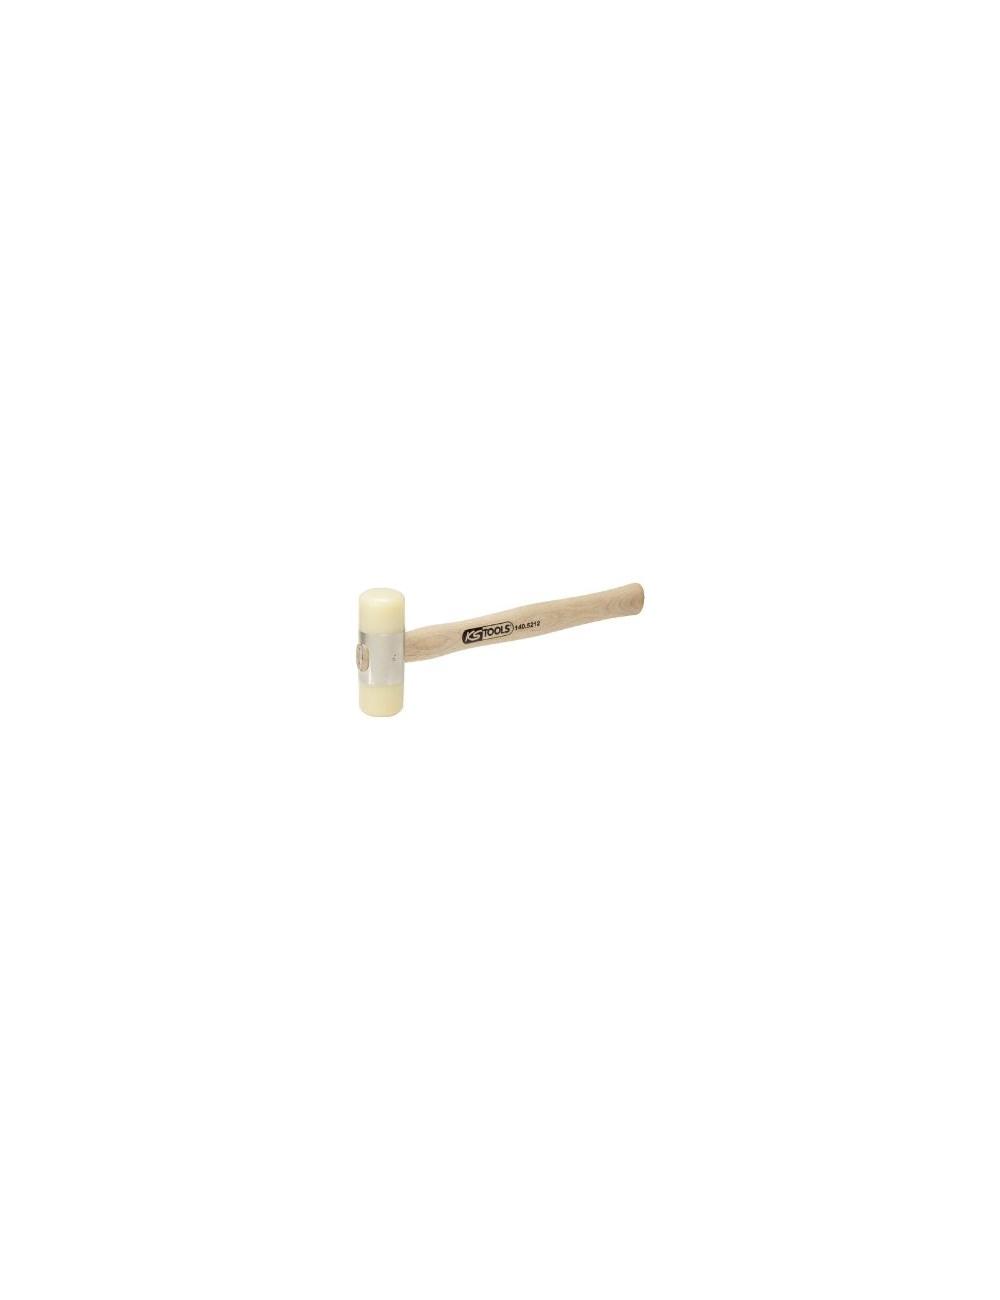 Maillet à embout nylon 200g - tête Ø28mm - avec manche frêne galbé